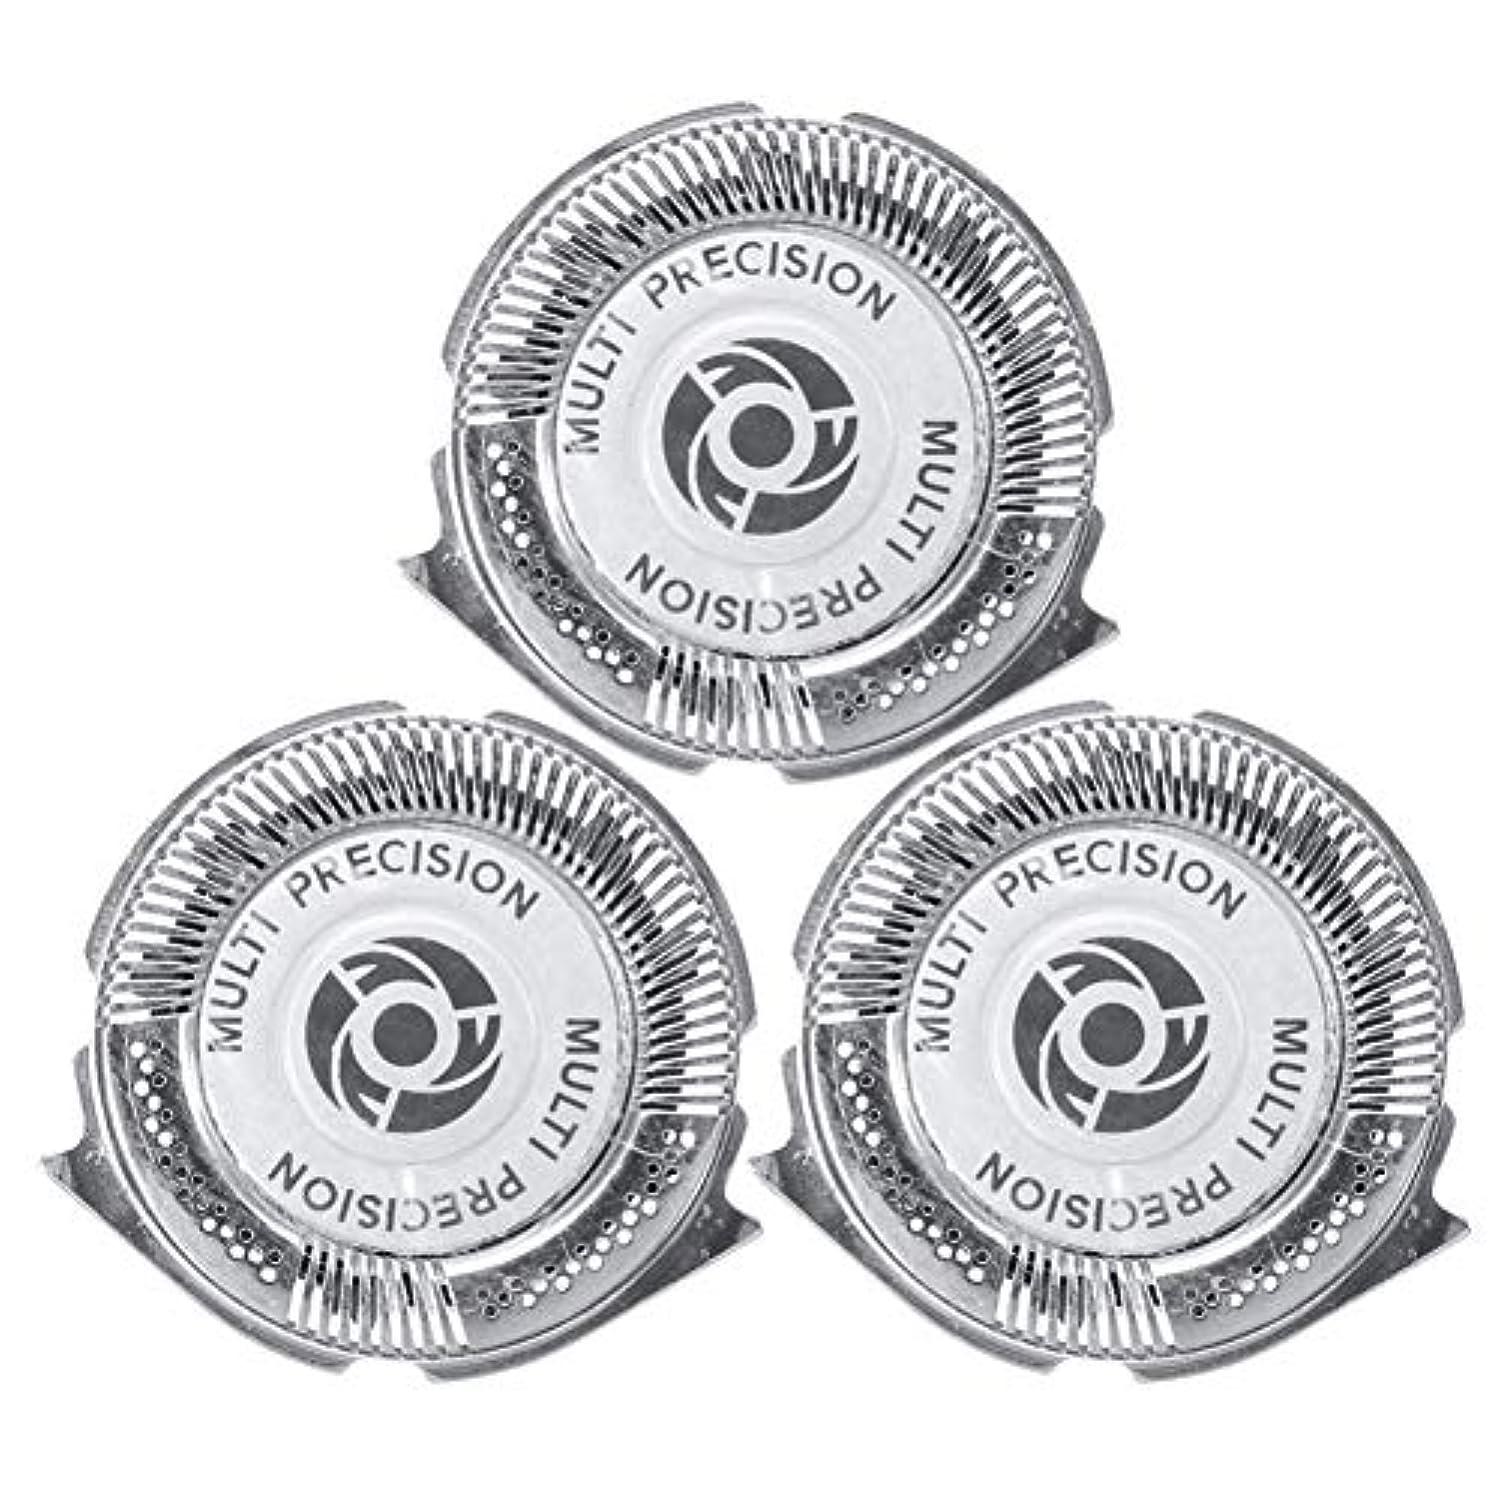 私達敵対的素晴らしいシェーバー 替刃 替え刃 カミソリ ヘッド 3頭のヘッド 交換用替刃 替刃3個入り フィリップス5000シリーズ SH50/51/52 HQ8に適用